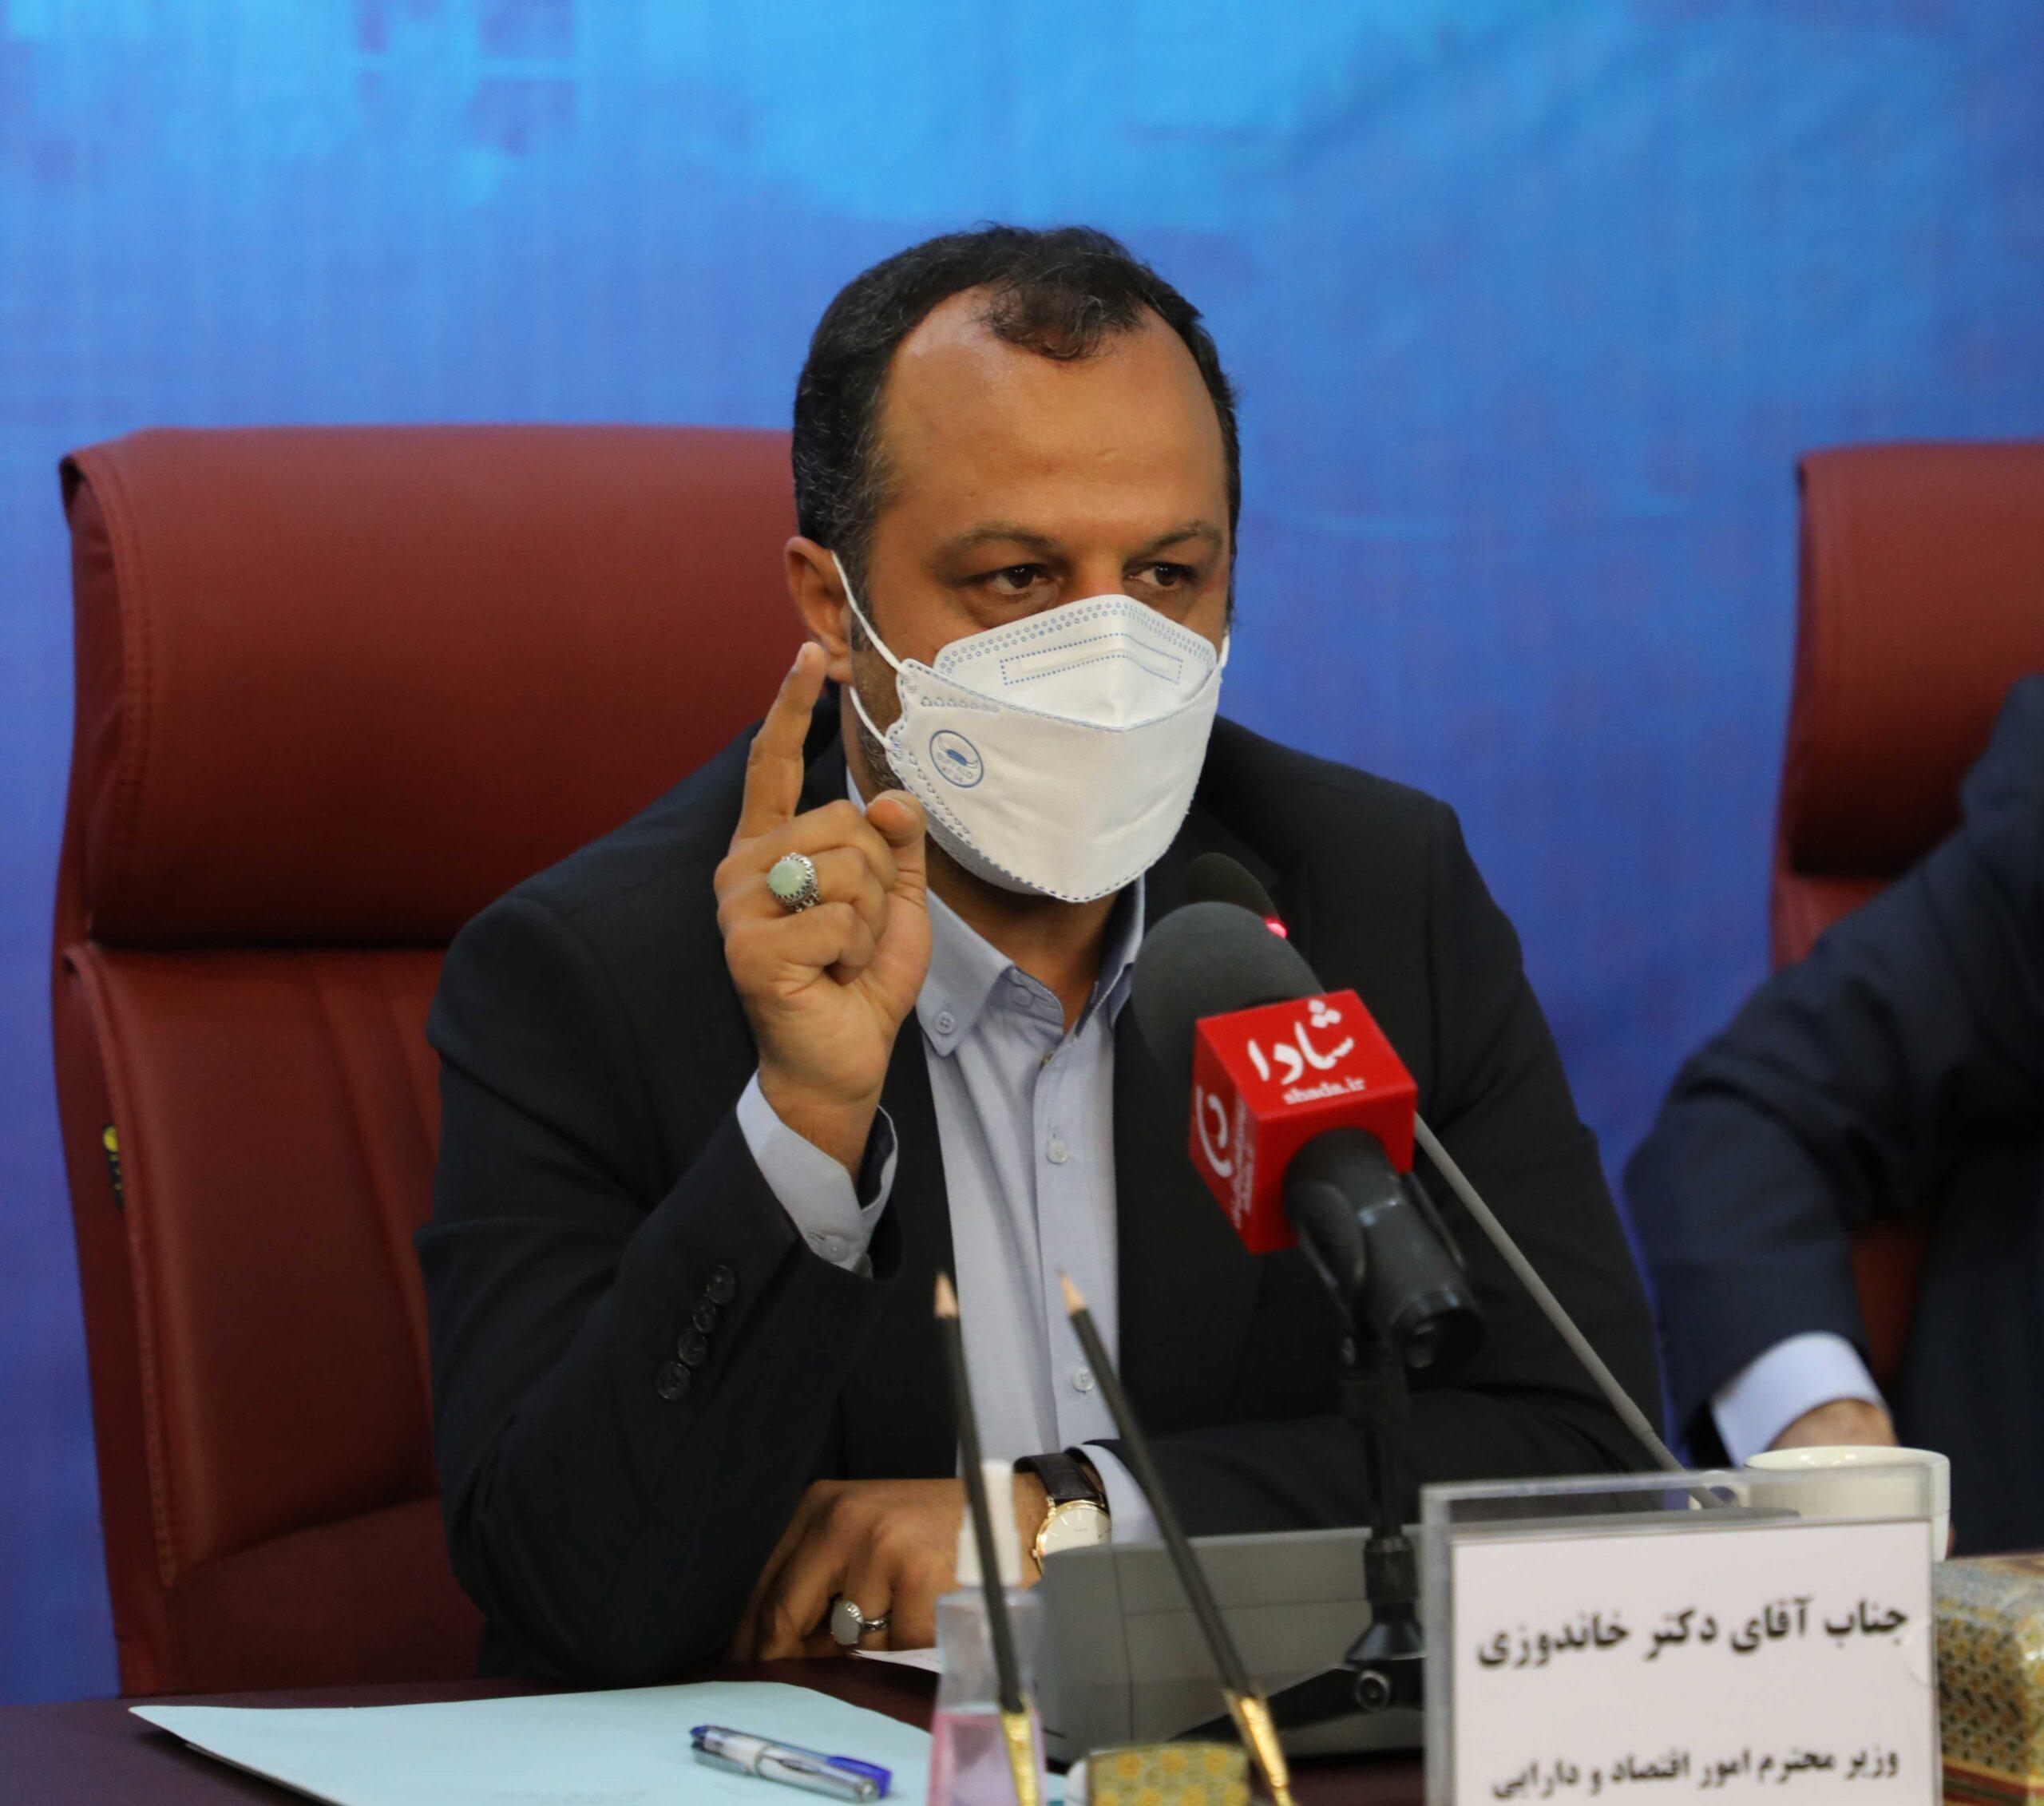 تاکید وزیر امور اقتصادی و دارایی بر تسریع اعطای تسهیلات کمک ودیعه مسکن